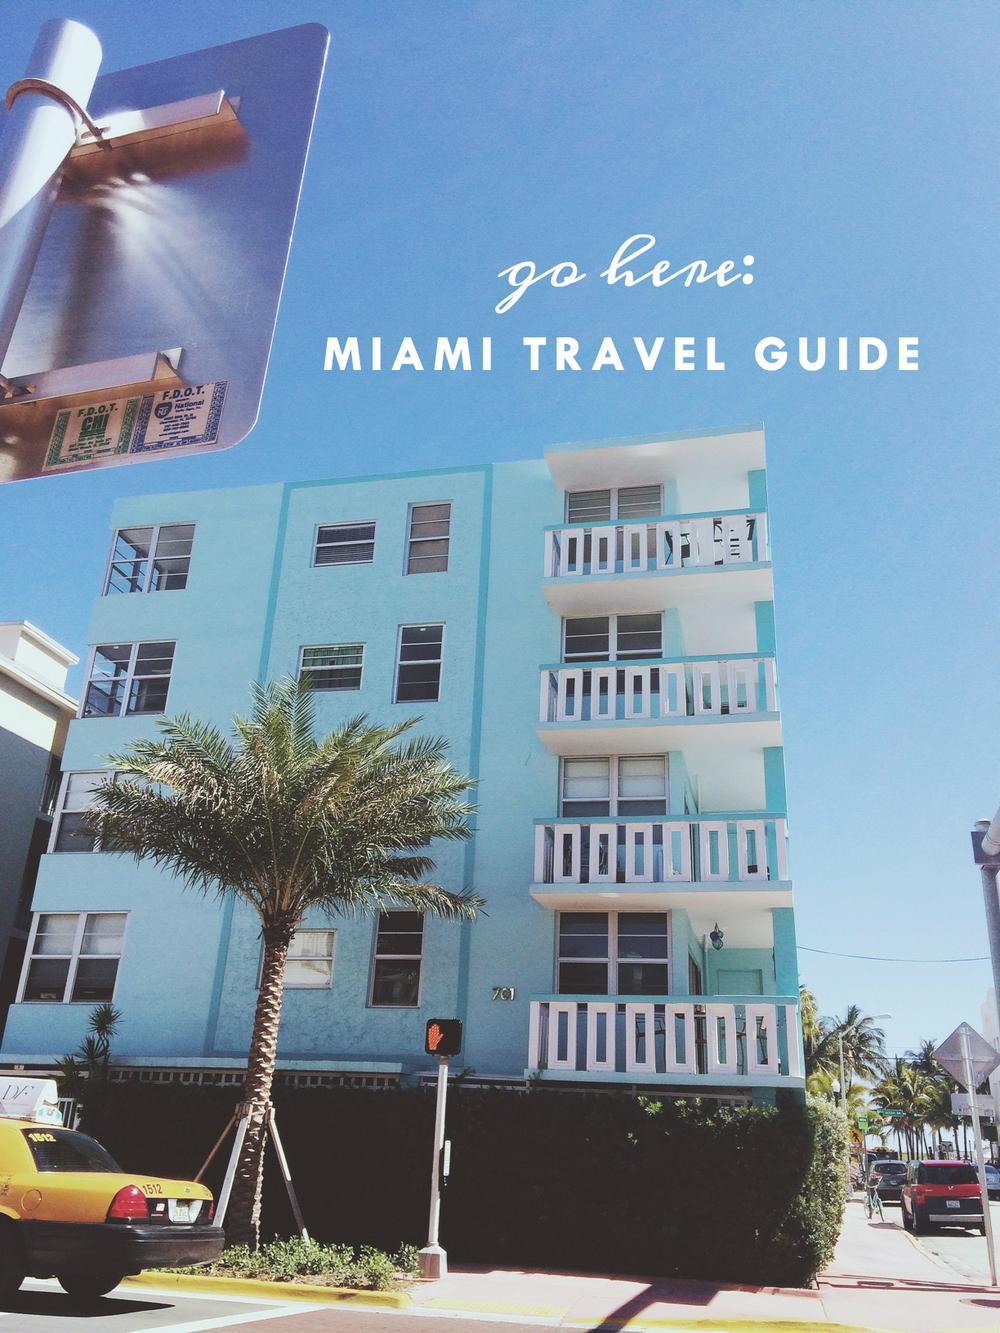 Go here: Miami, FL travel guide